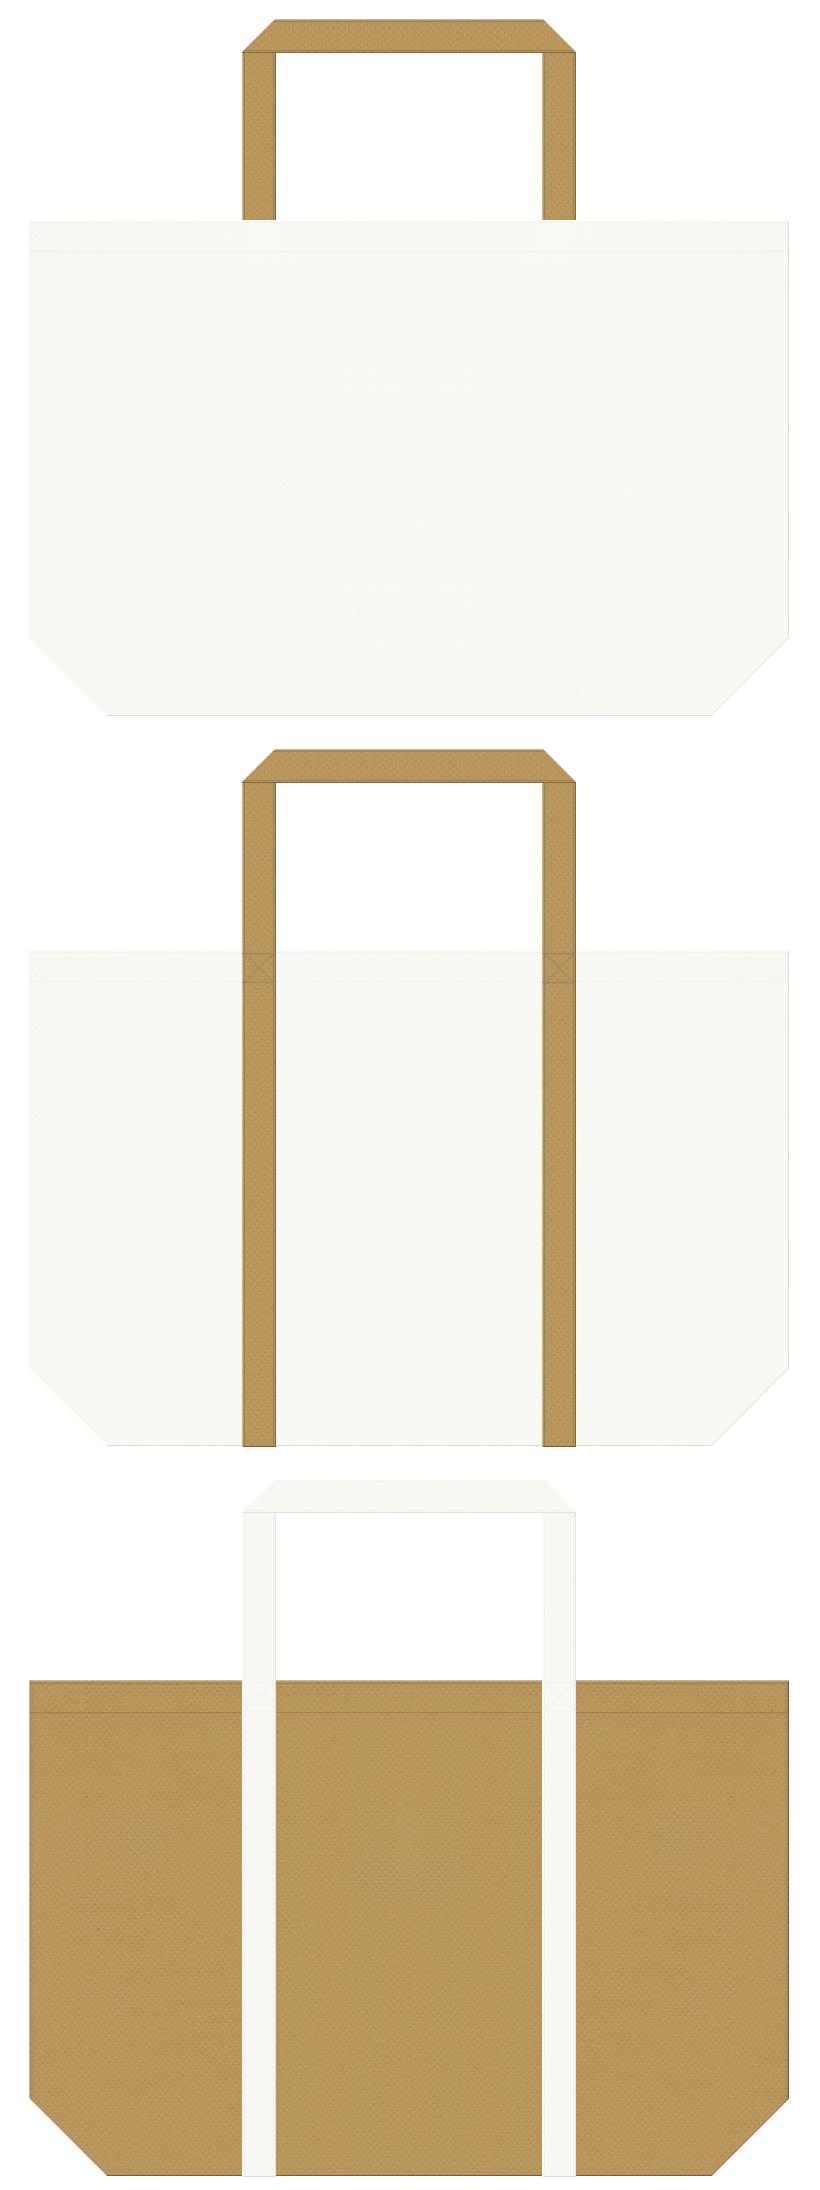 オフホワイト色と金色系黄土色の不織布ショッピングバッグのデザイン:スイーツ・ベーカリーのショッピングバッグにお奨めです。